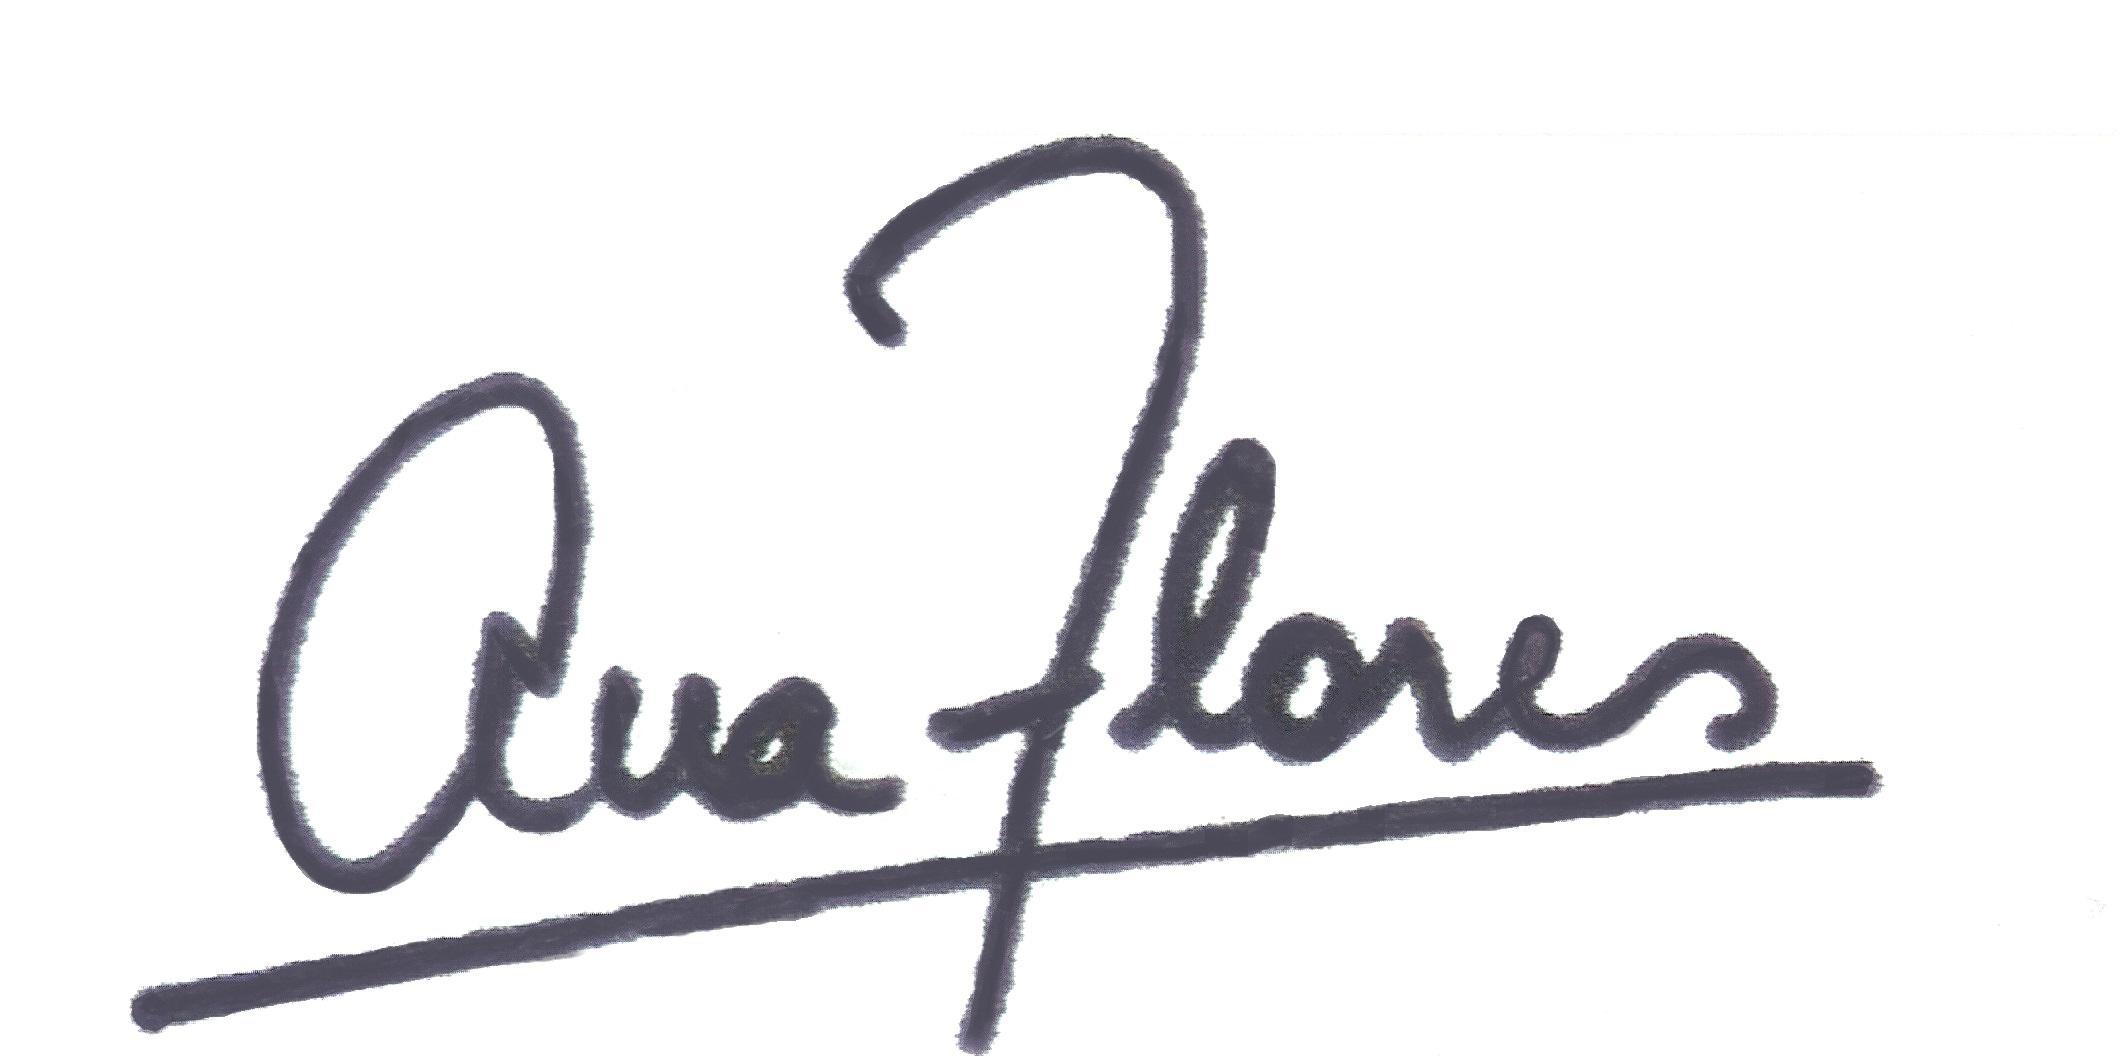 ANA FLORES's Signature